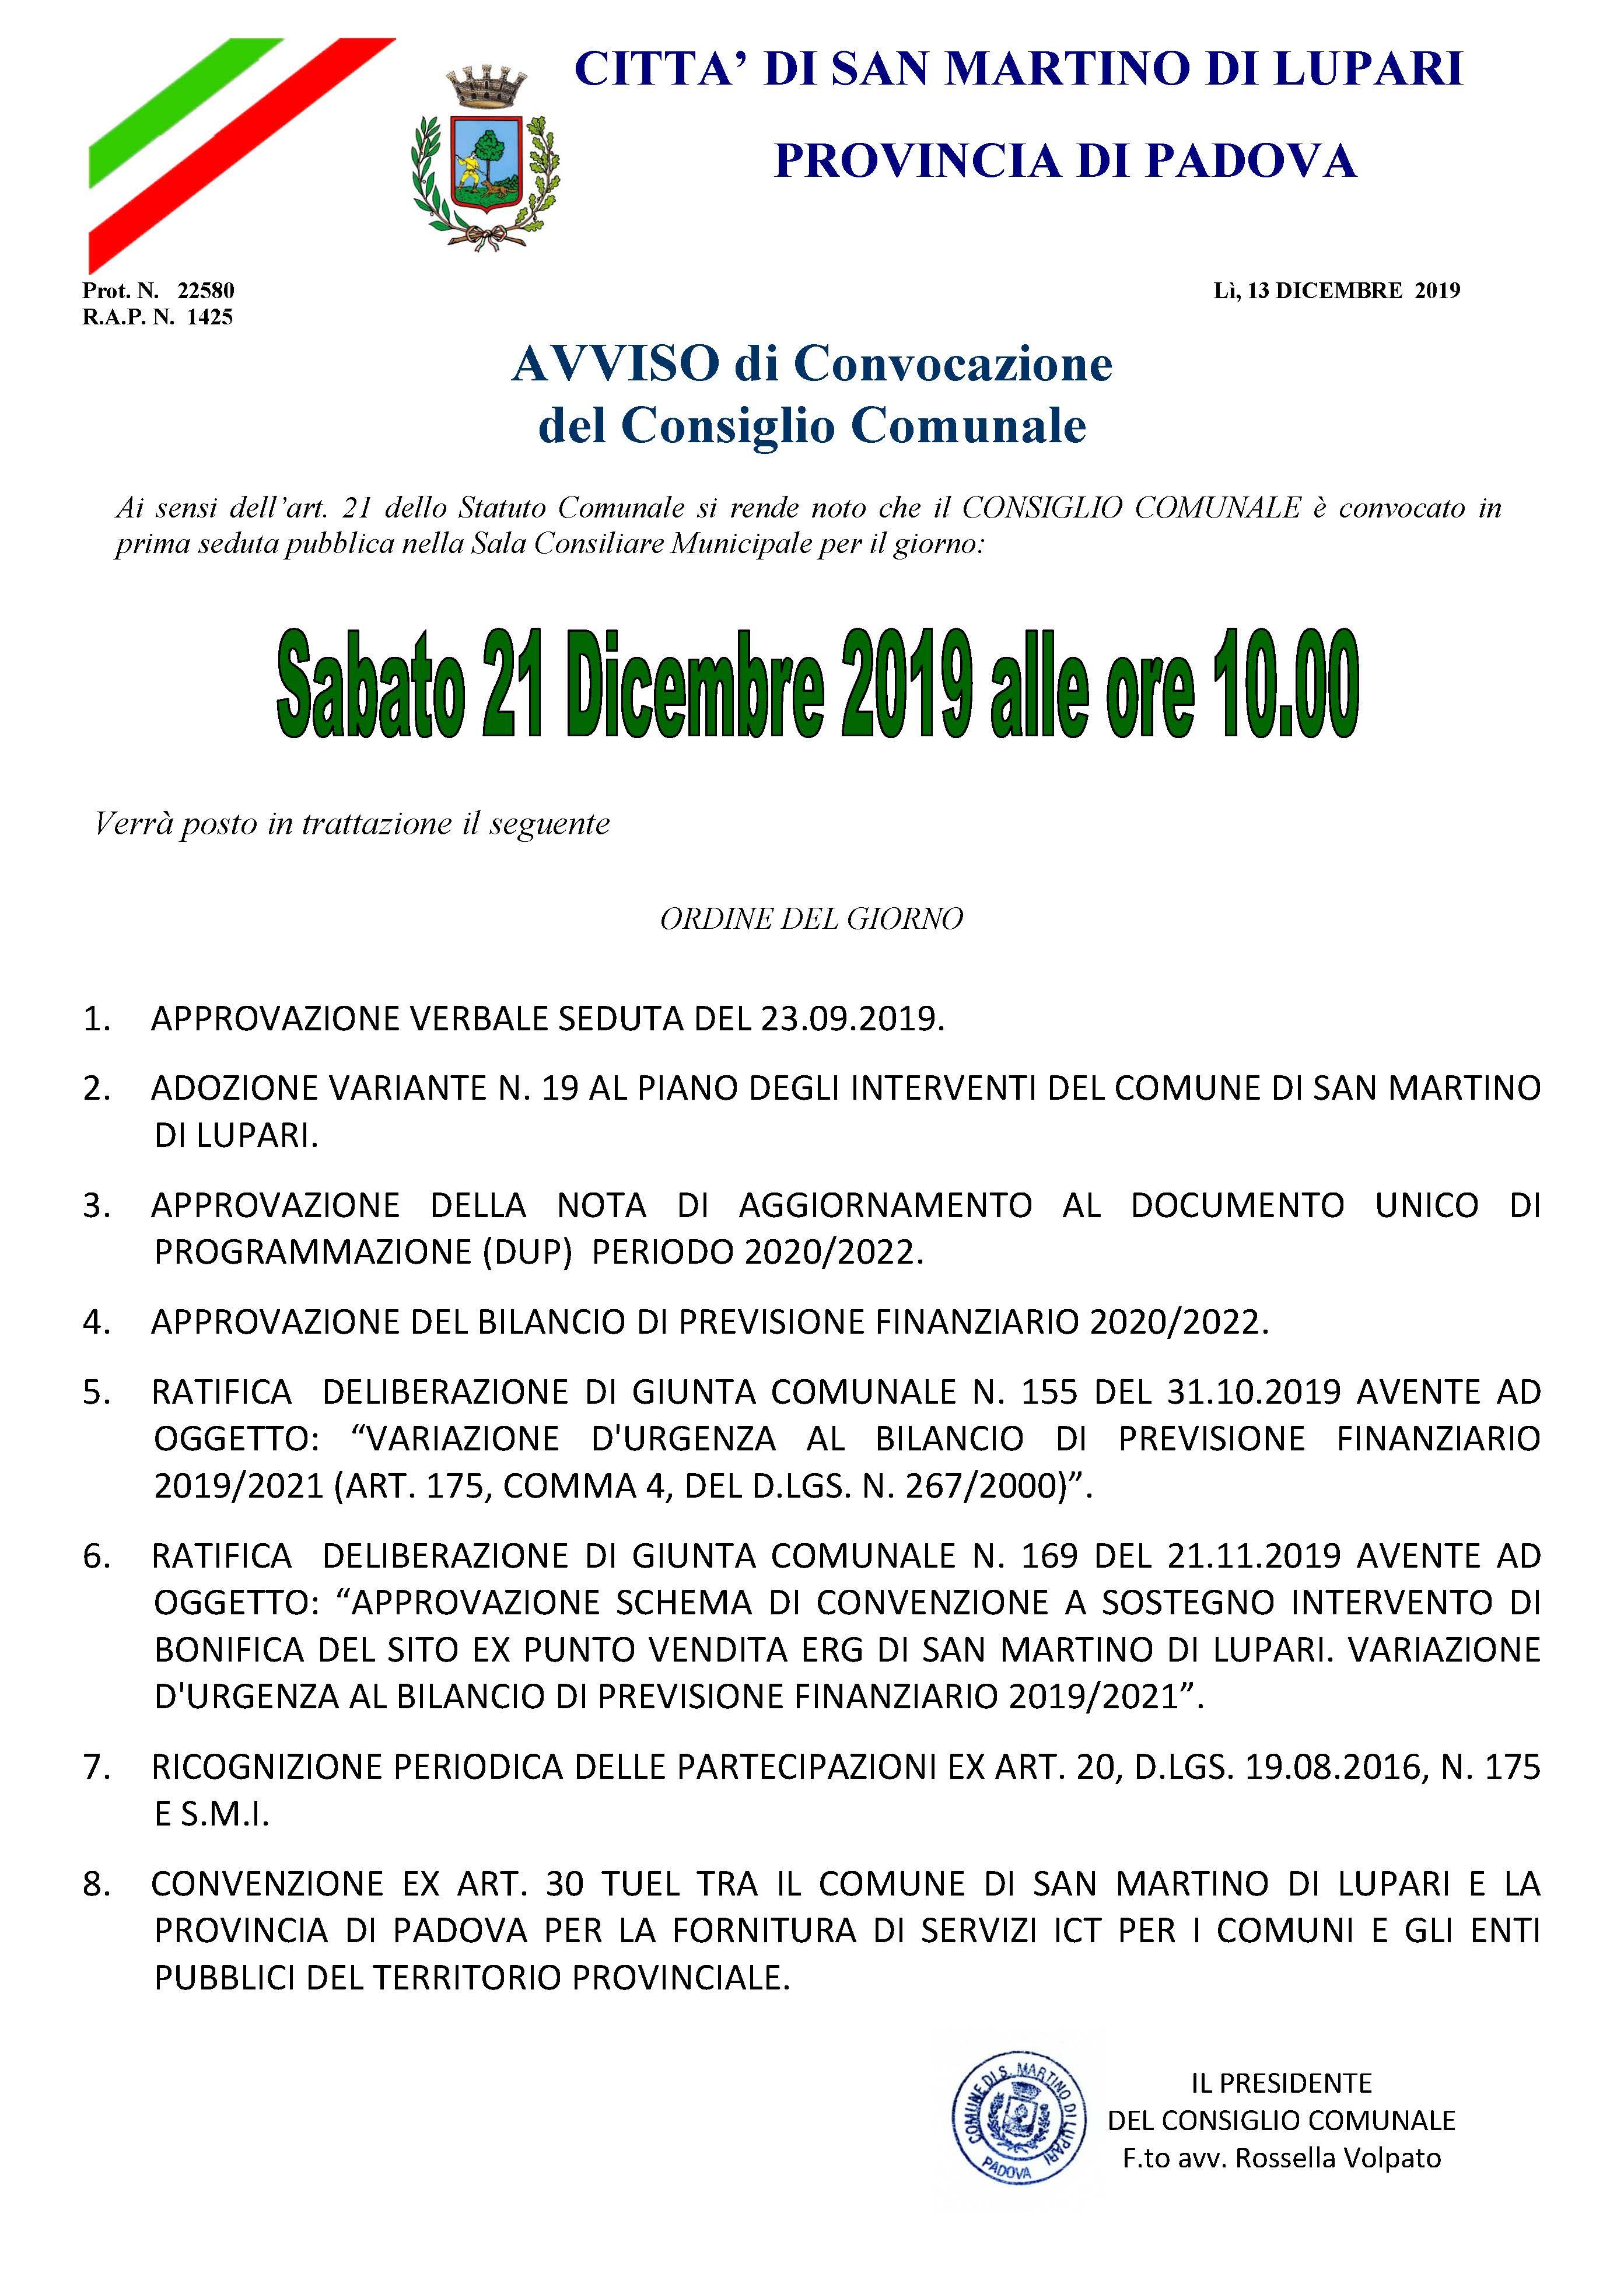 AVVISO DI CONVOCAZIONE CONSIGLIO COMUNALE: Sabato 21 Dicembre 2019 alle ore 10.00